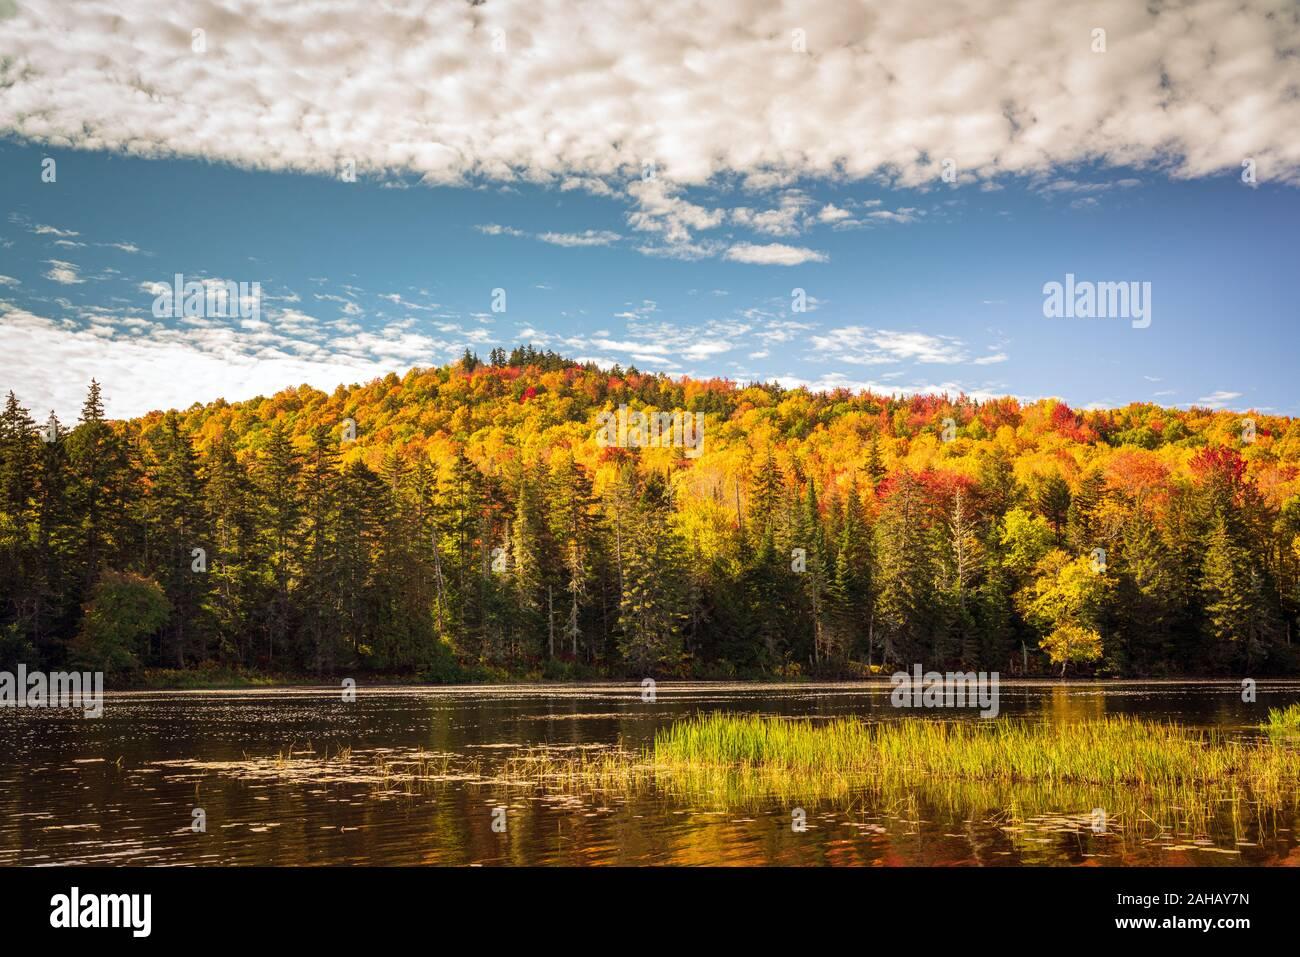 Un tranquillo fiume scorre con colorati di foreste di montagna fogliame in background. Foto Stock